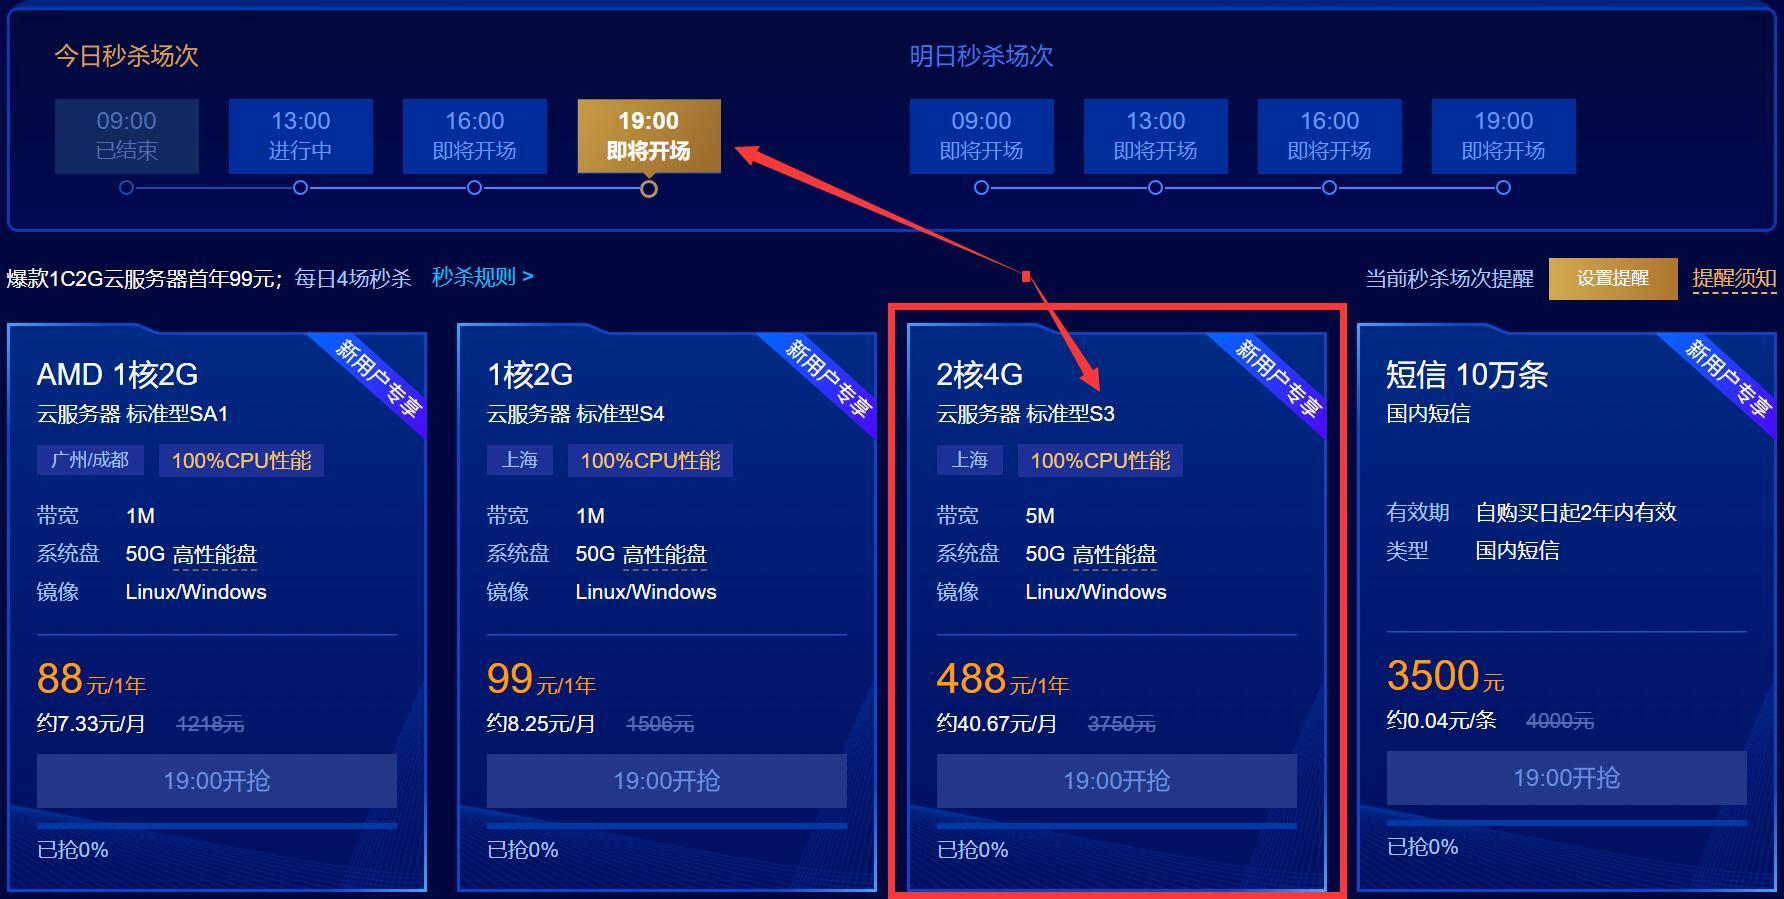 腾讯云服务器丨2核4G5M50G100%CPU性能服务器1年488元插图1